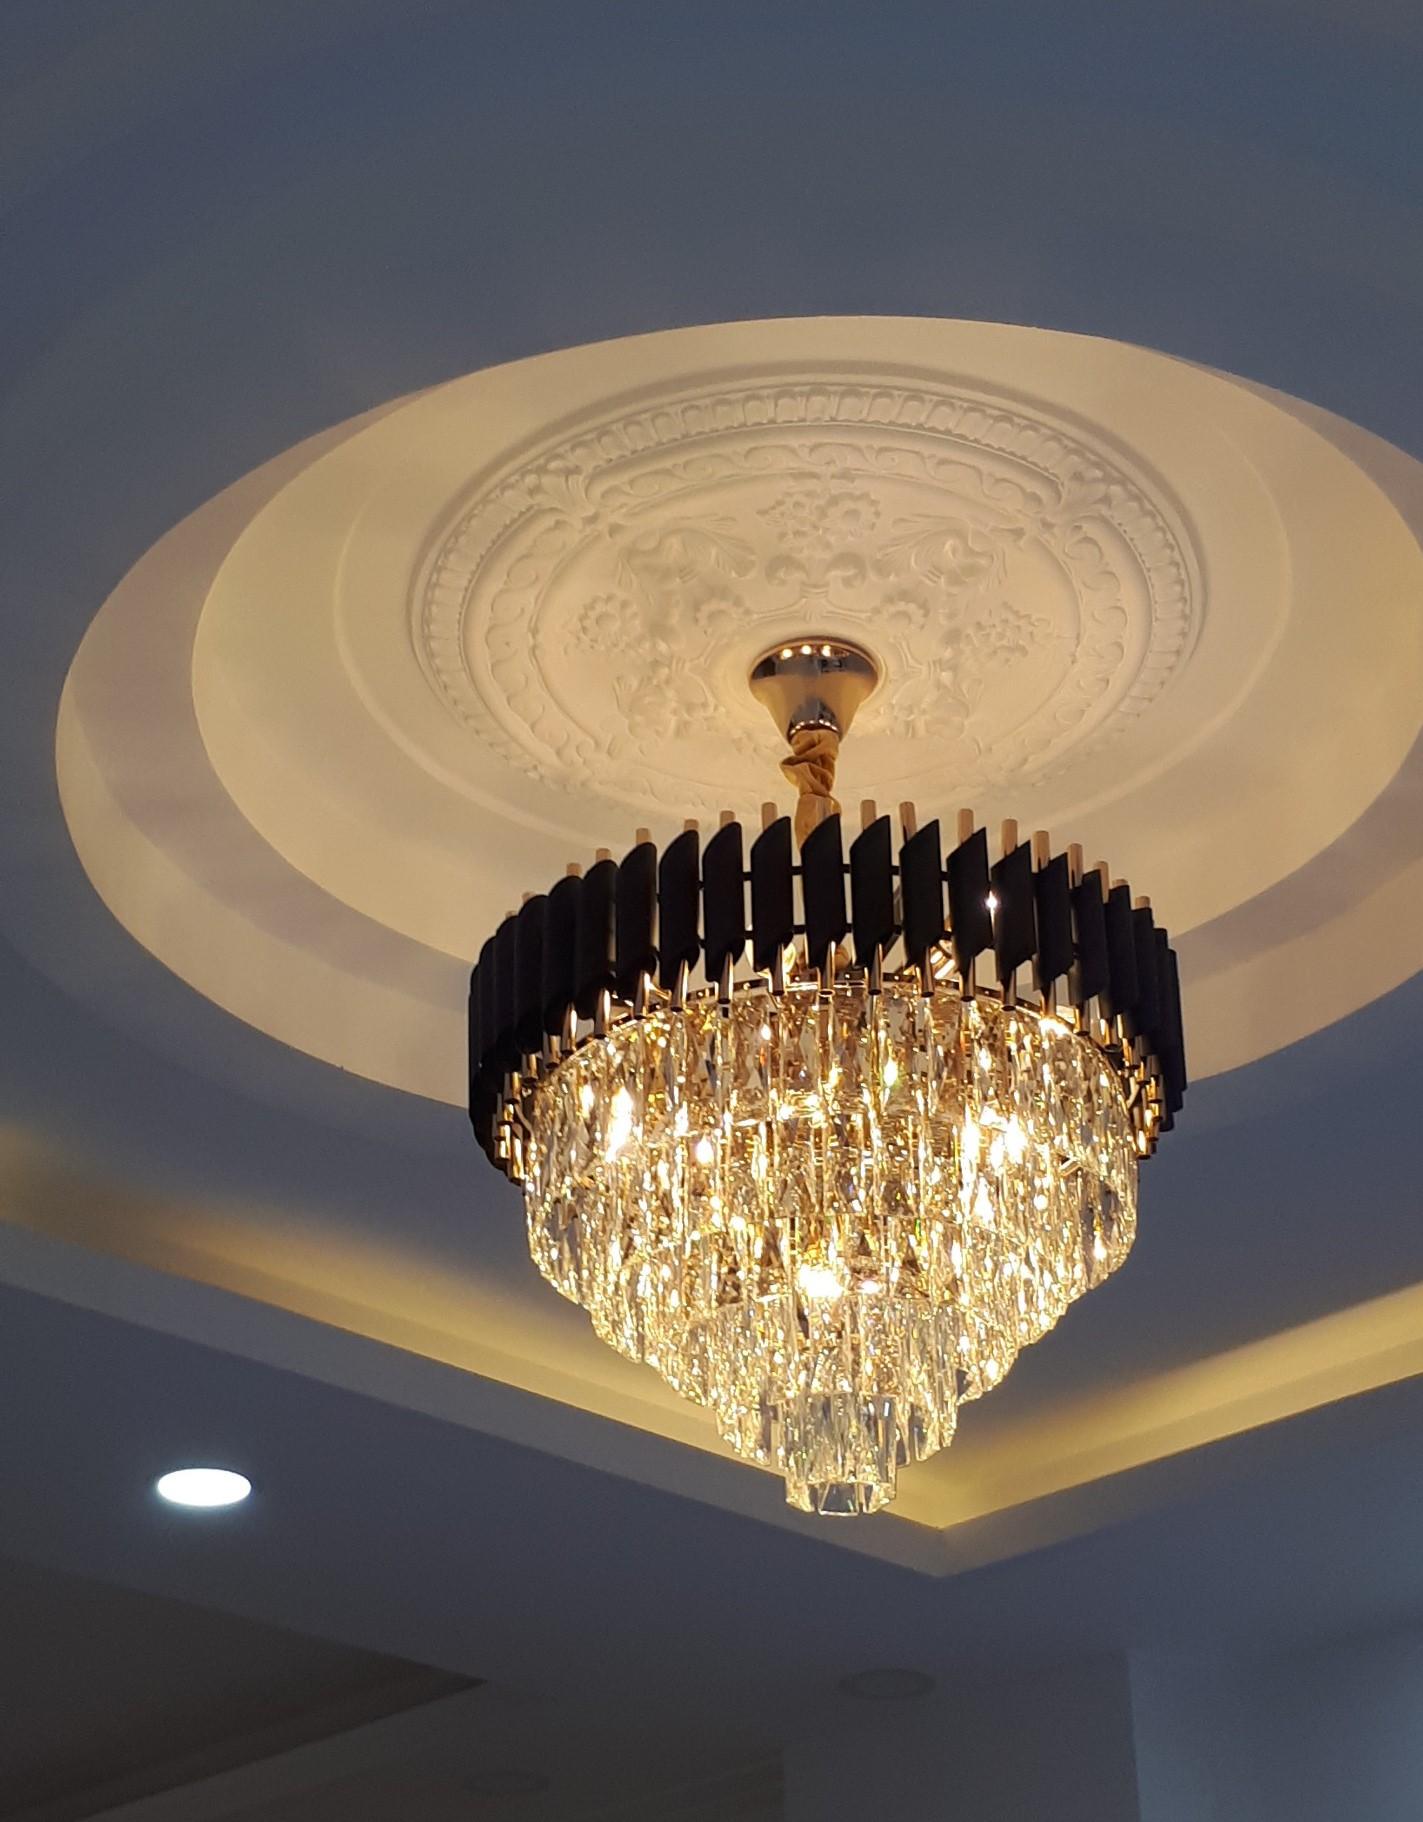 den chum pha le cfl 2233 - Cách chọn đèn trang trí cho phòng khách nhỏ không phải ai cũng biết